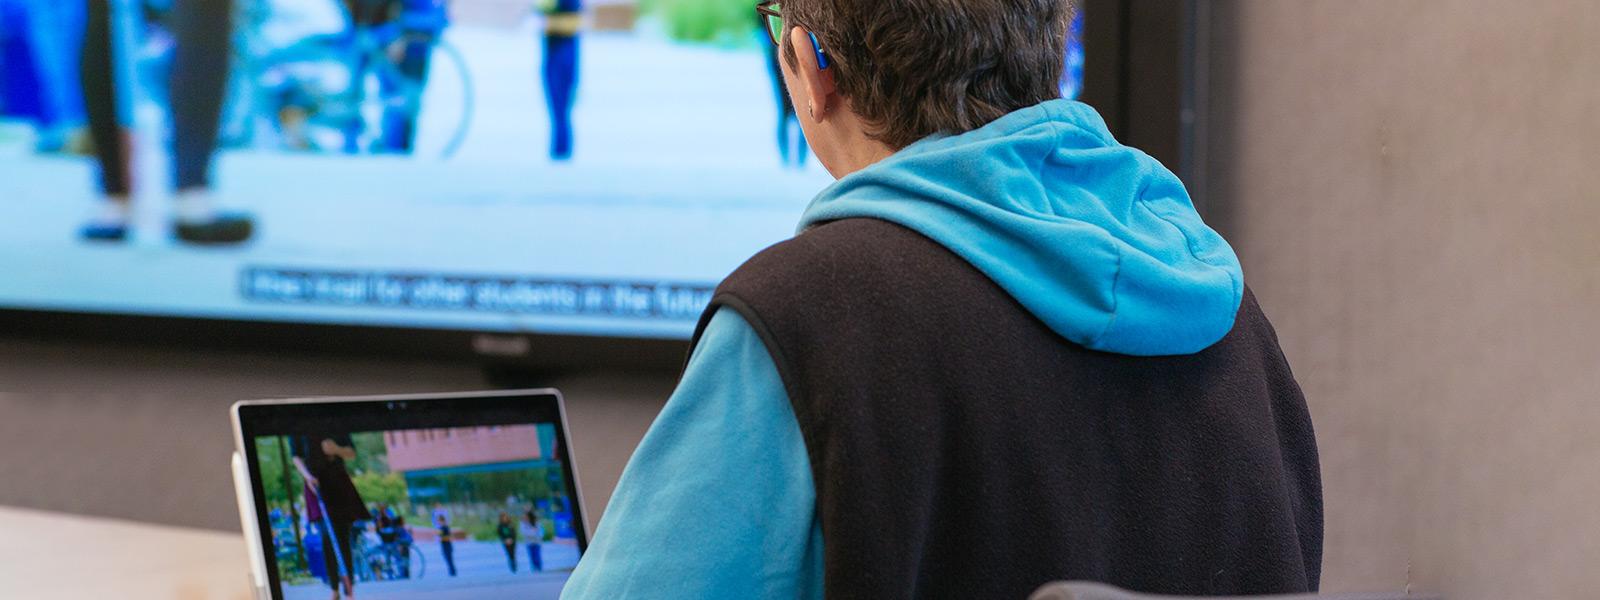 אישה שמשתמשת במכשיר שמיעה, צופה במצגת וידאו עם כתוביות